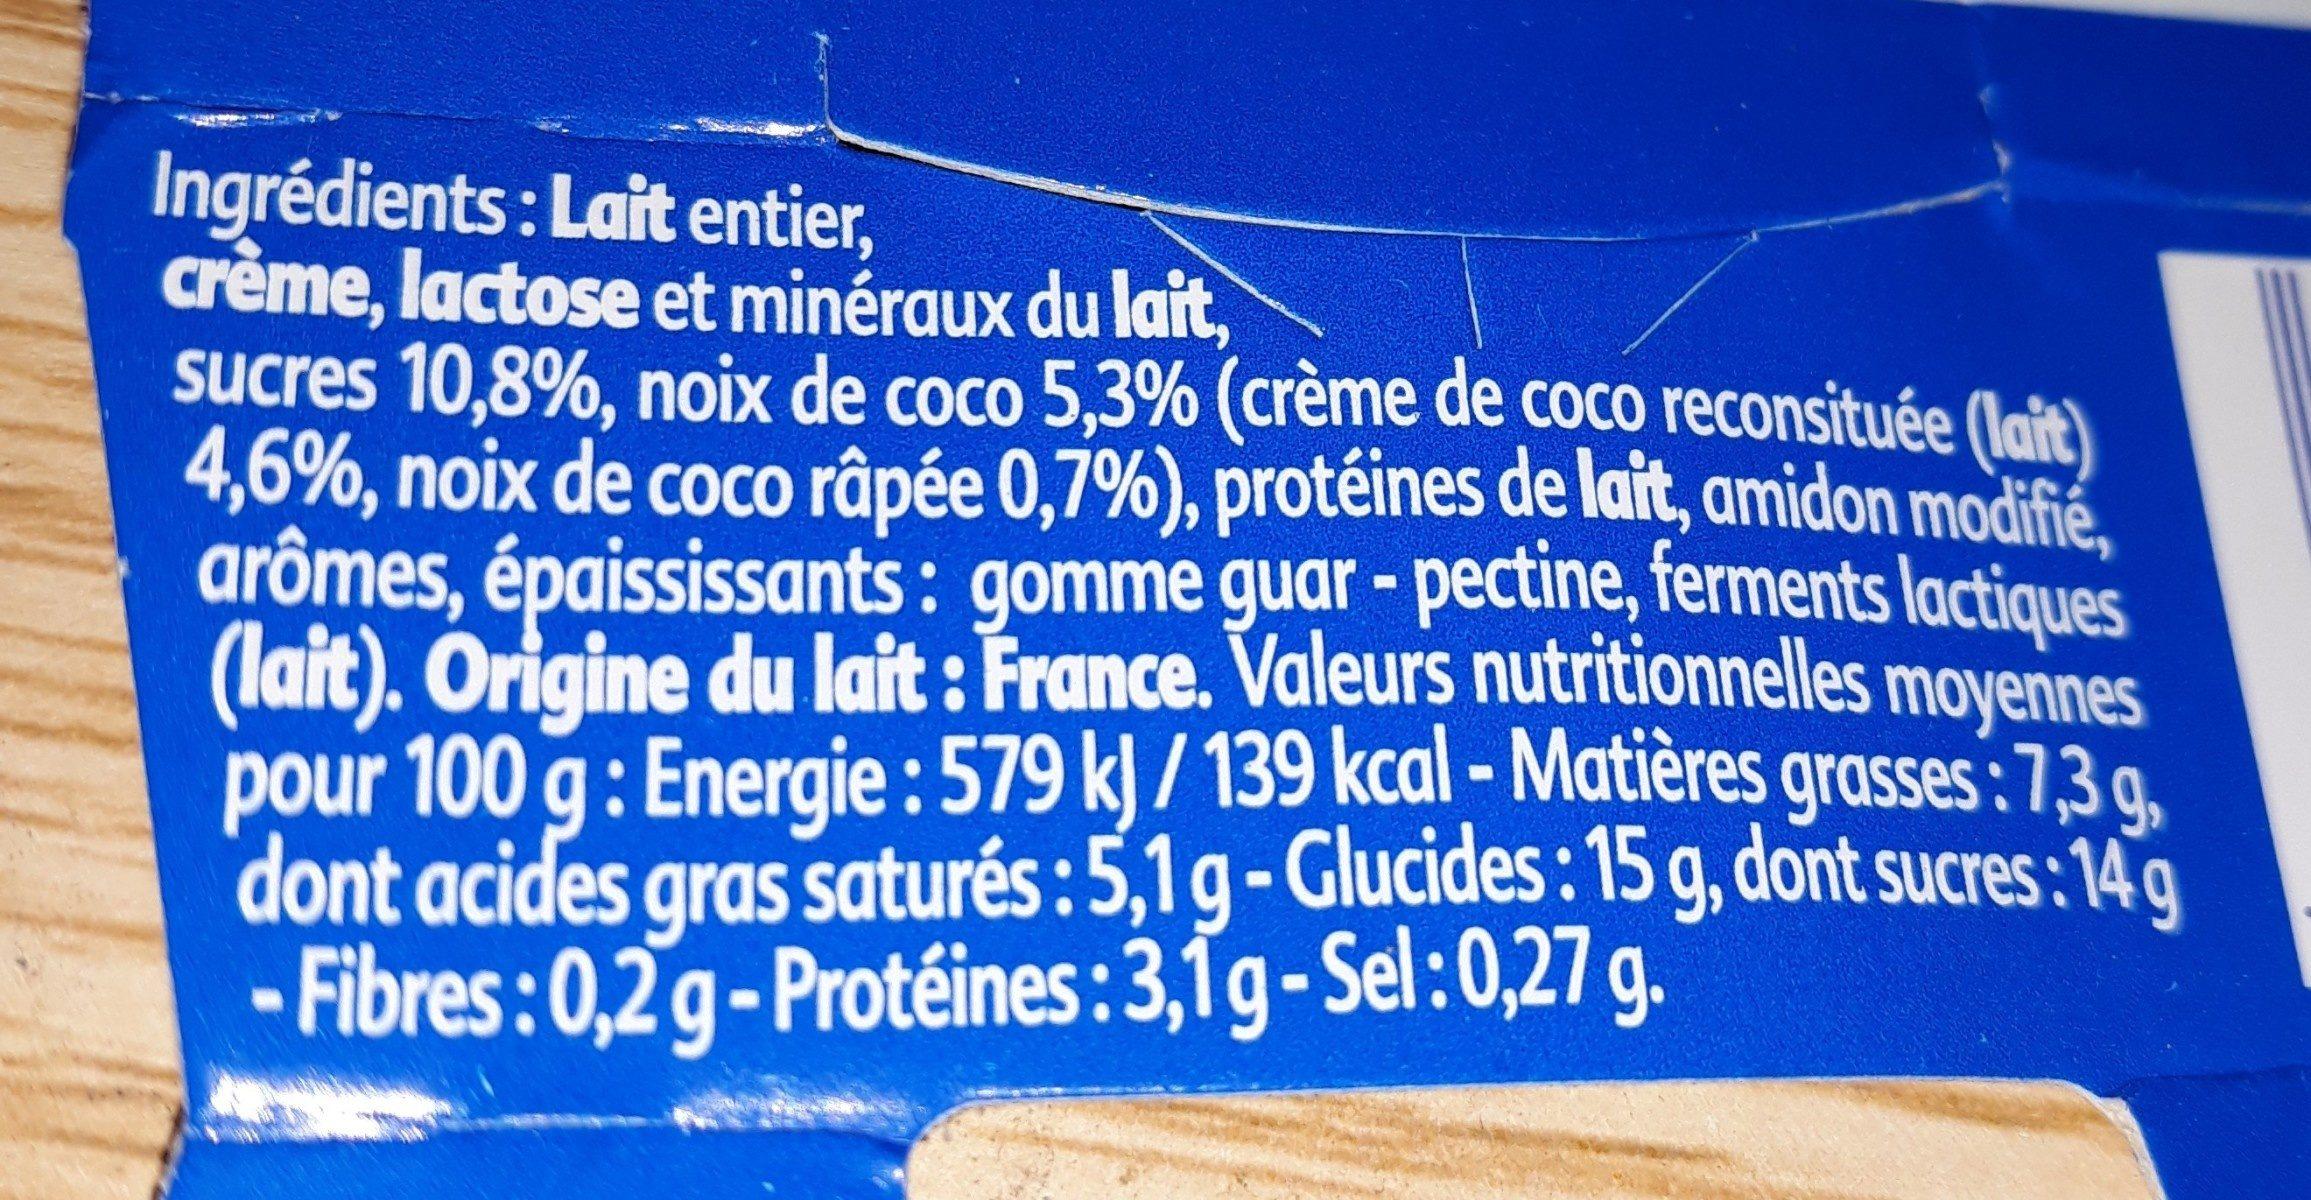 yaourt gourmand noix de coco - Ingrédients - fr